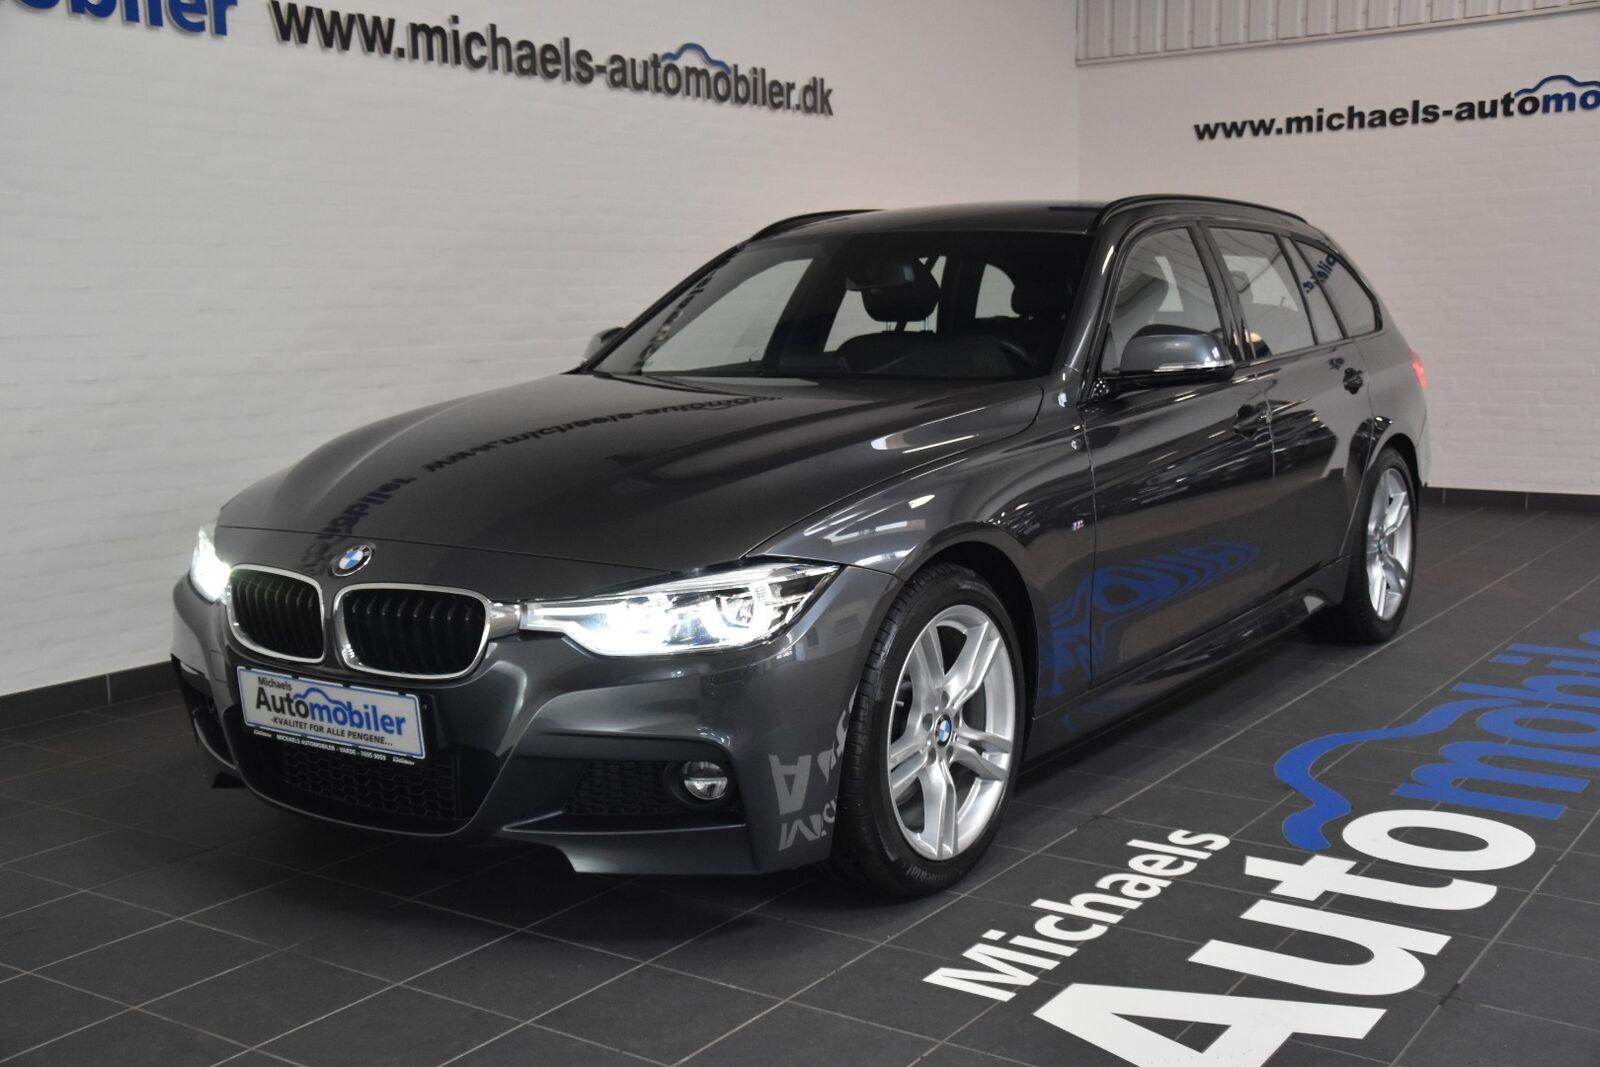 BMW 330i 2,0 Touring M-Sport aut. 5d - 449.900 kr.